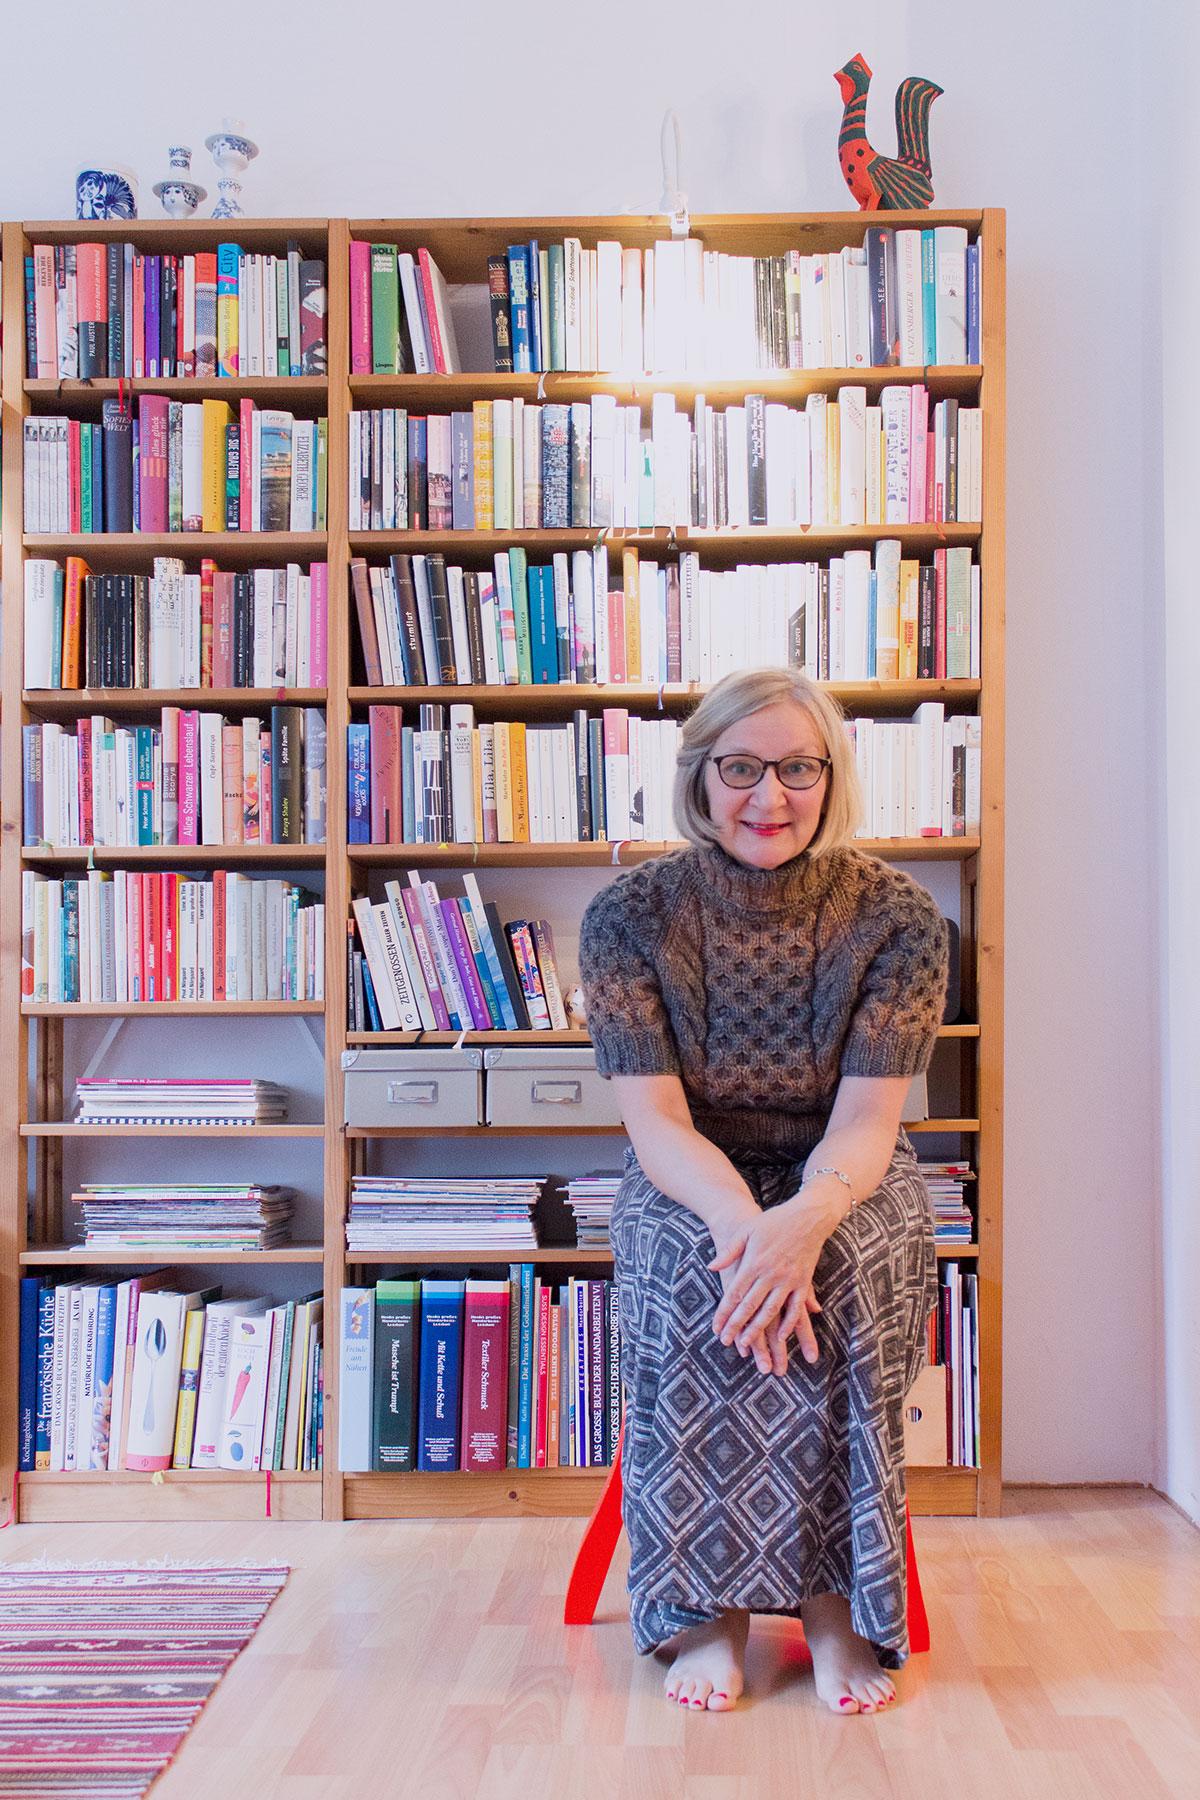 Eine Frau in einem handgestrickten Rollkragenpullover mit kurzen Ärmeln und einem langen Kleid sitzt auf einem Hocker vor einem Bücherregal